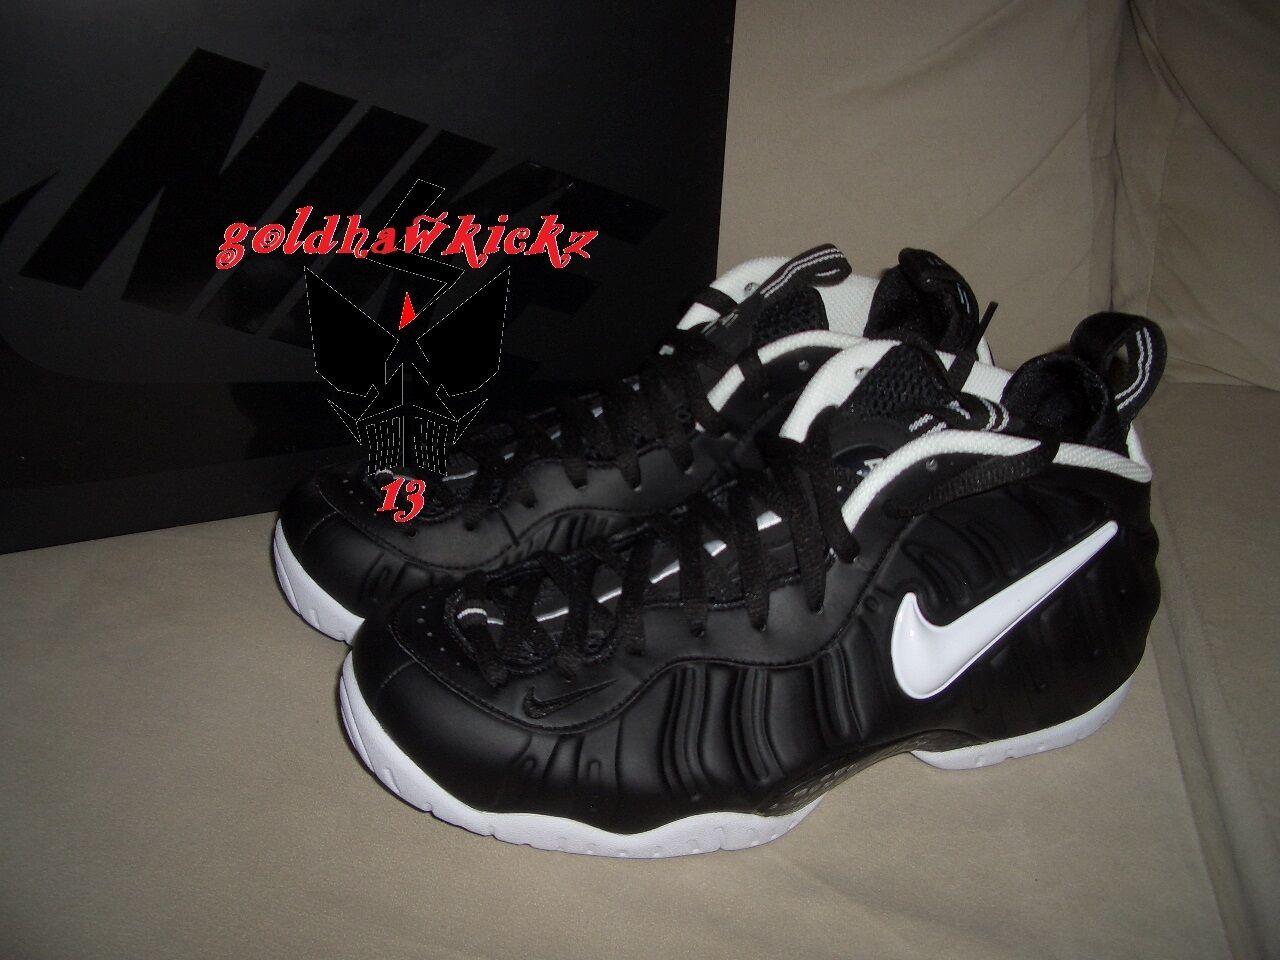 Nike Air Foamposite Blanc pro 624041-006 dr doom noir  Blanc Foamposite penny hardaway 32931d